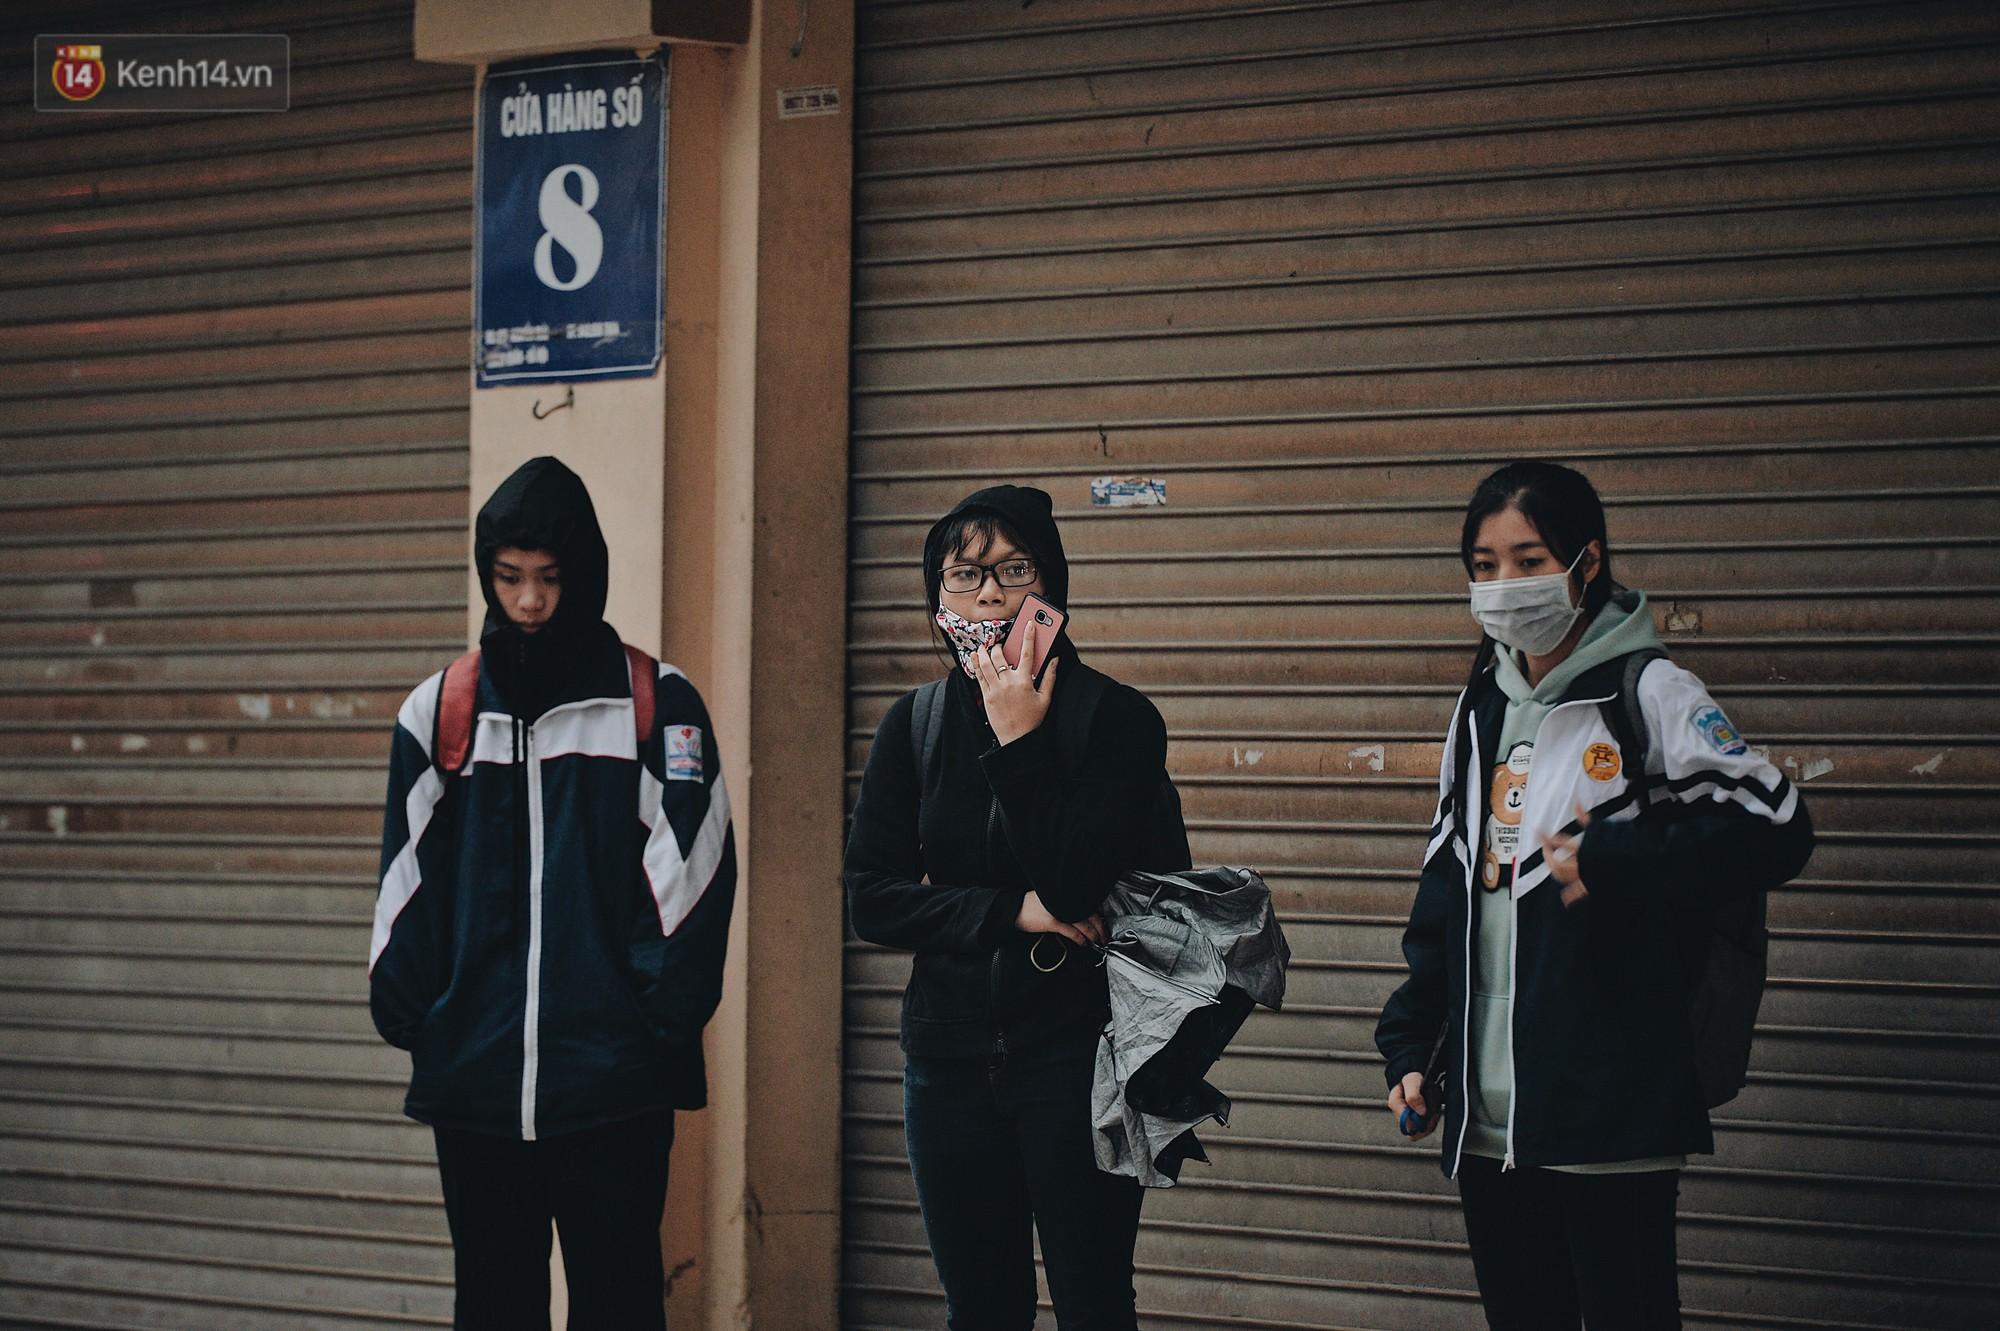 Chùm ảnh: Sau một đêm trở gió Hà Nội mưa lạnh xuống đến 17 độ C, người dân co ro ra đường - Ảnh 7.